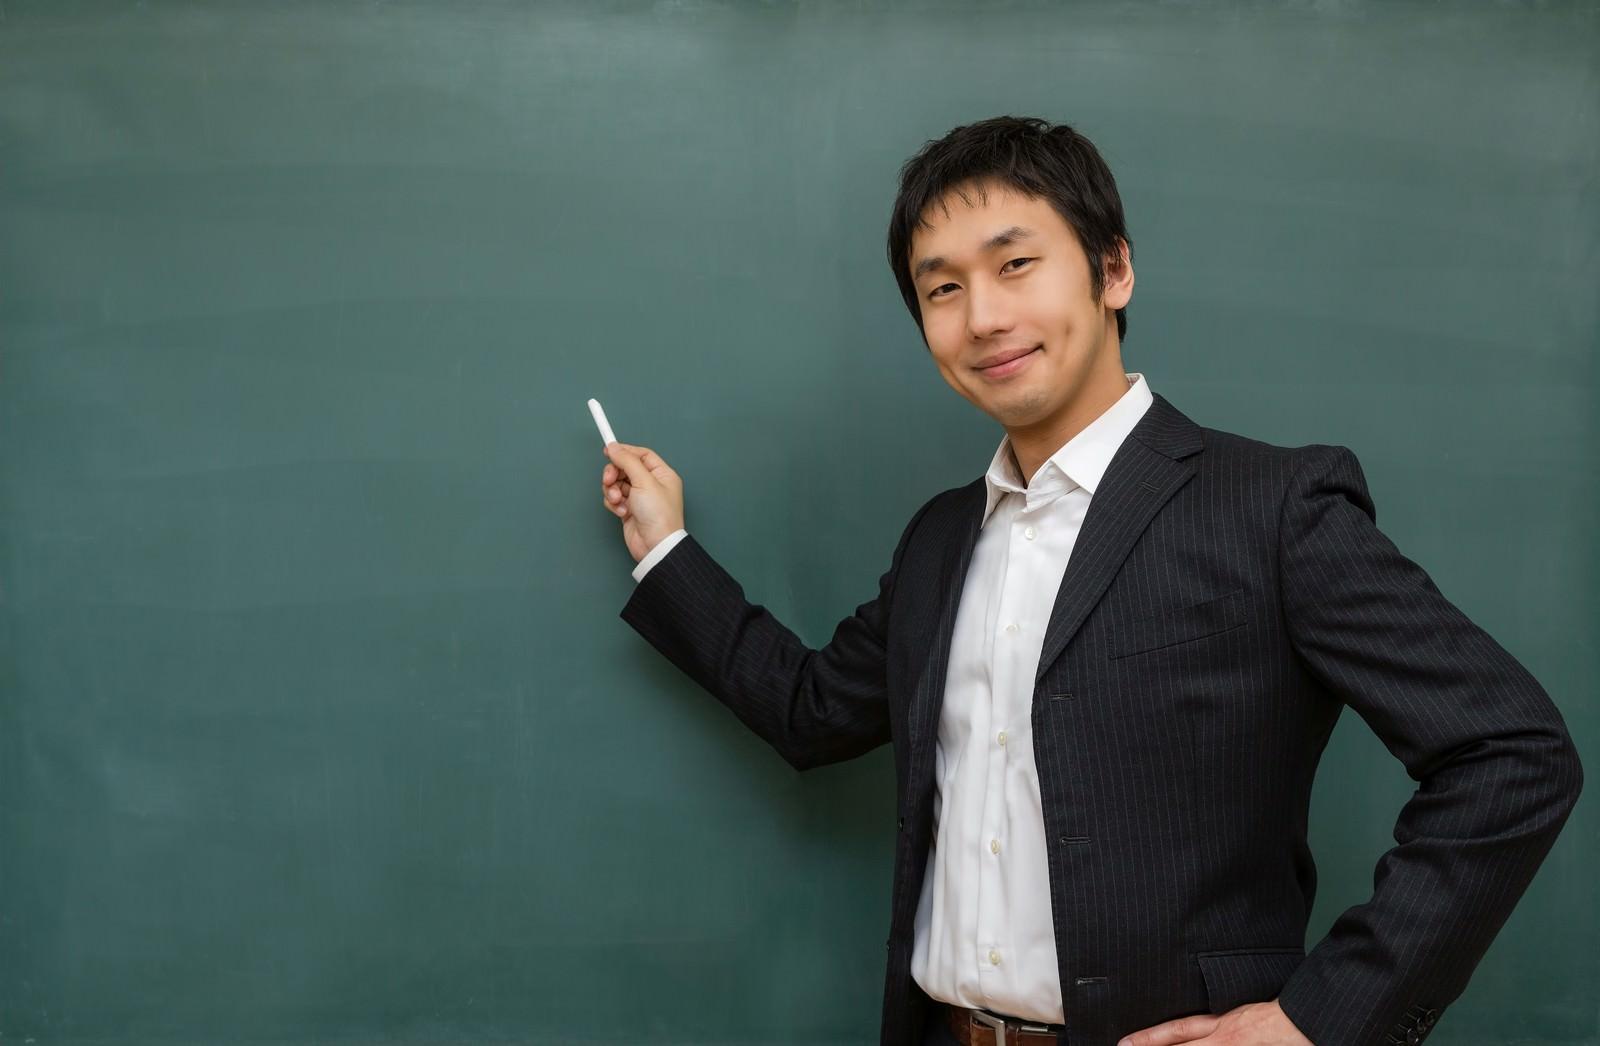 「ニコニコしながら授業をする先生ニコニコしながら授業をする先生」[モデル:大川竜弥]のフリー写真素材を拡大